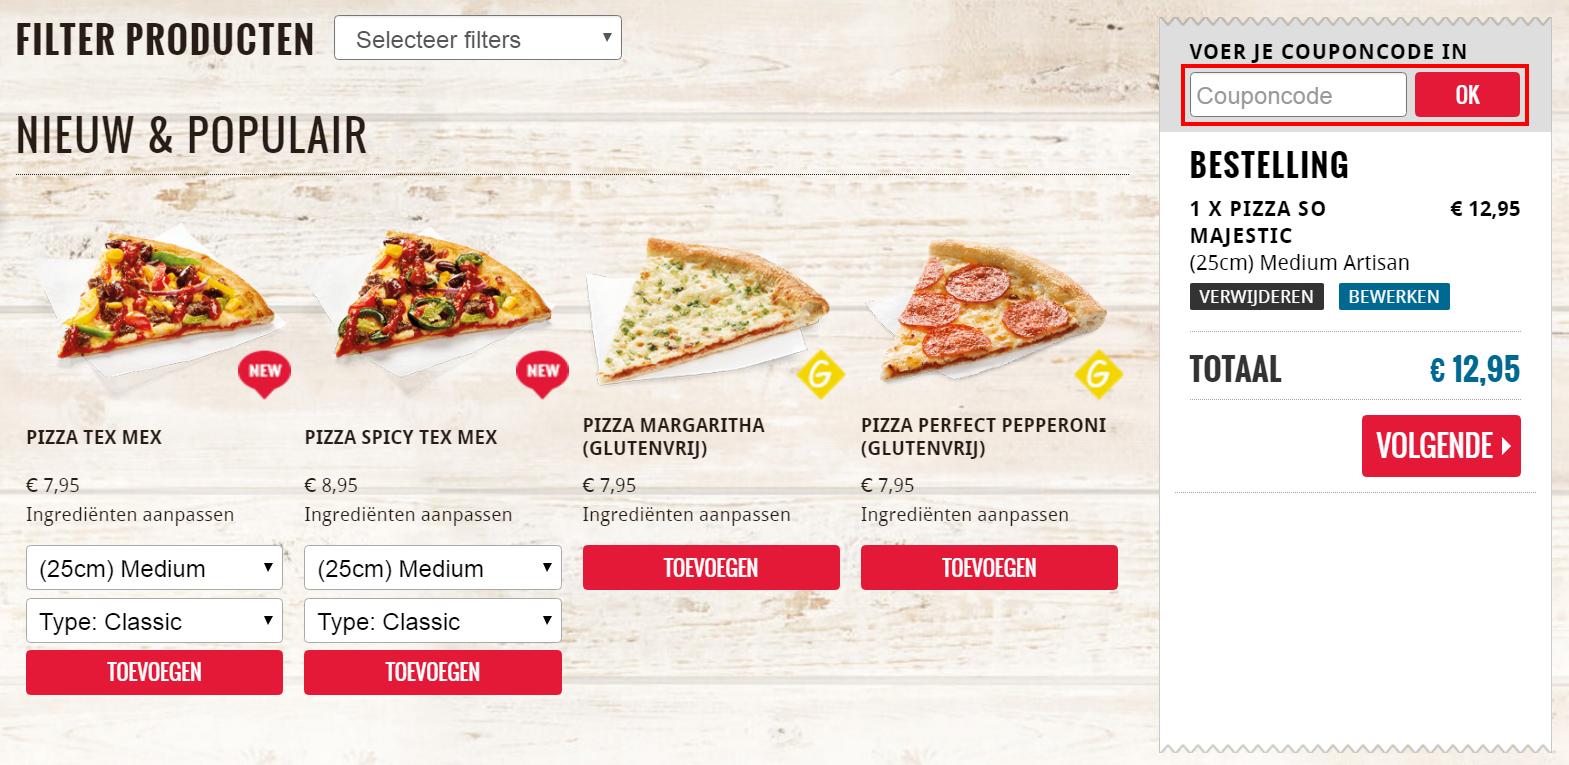 Domino's Pizza kortingscode gebruiken